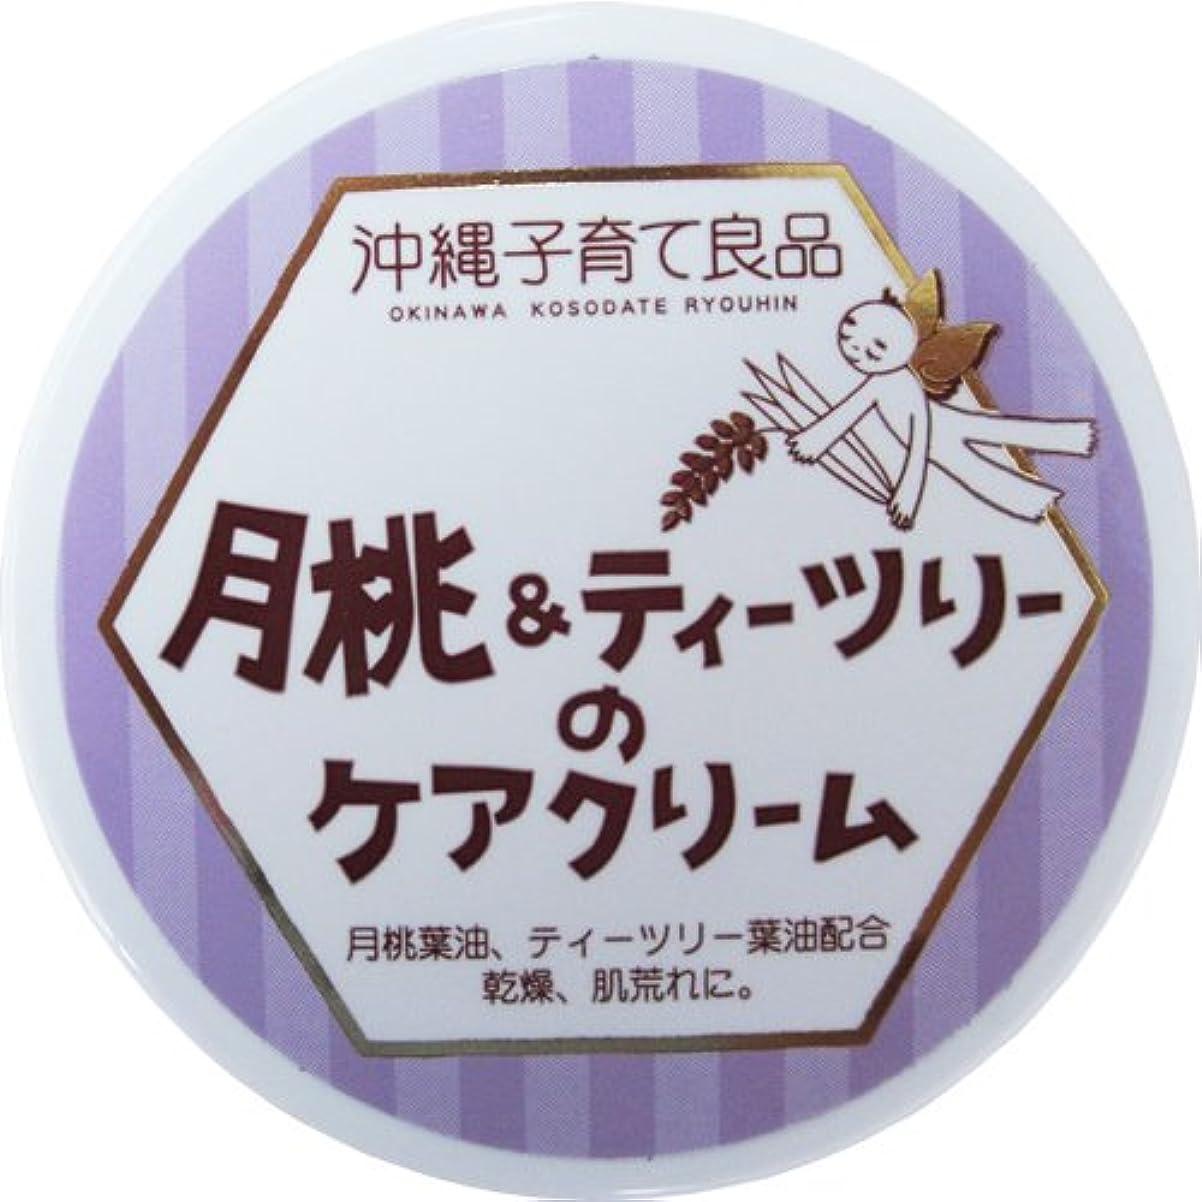 気になるひねり自分のために沖縄子育て良品 月桃&ティツリーのケアクリーム (25g)